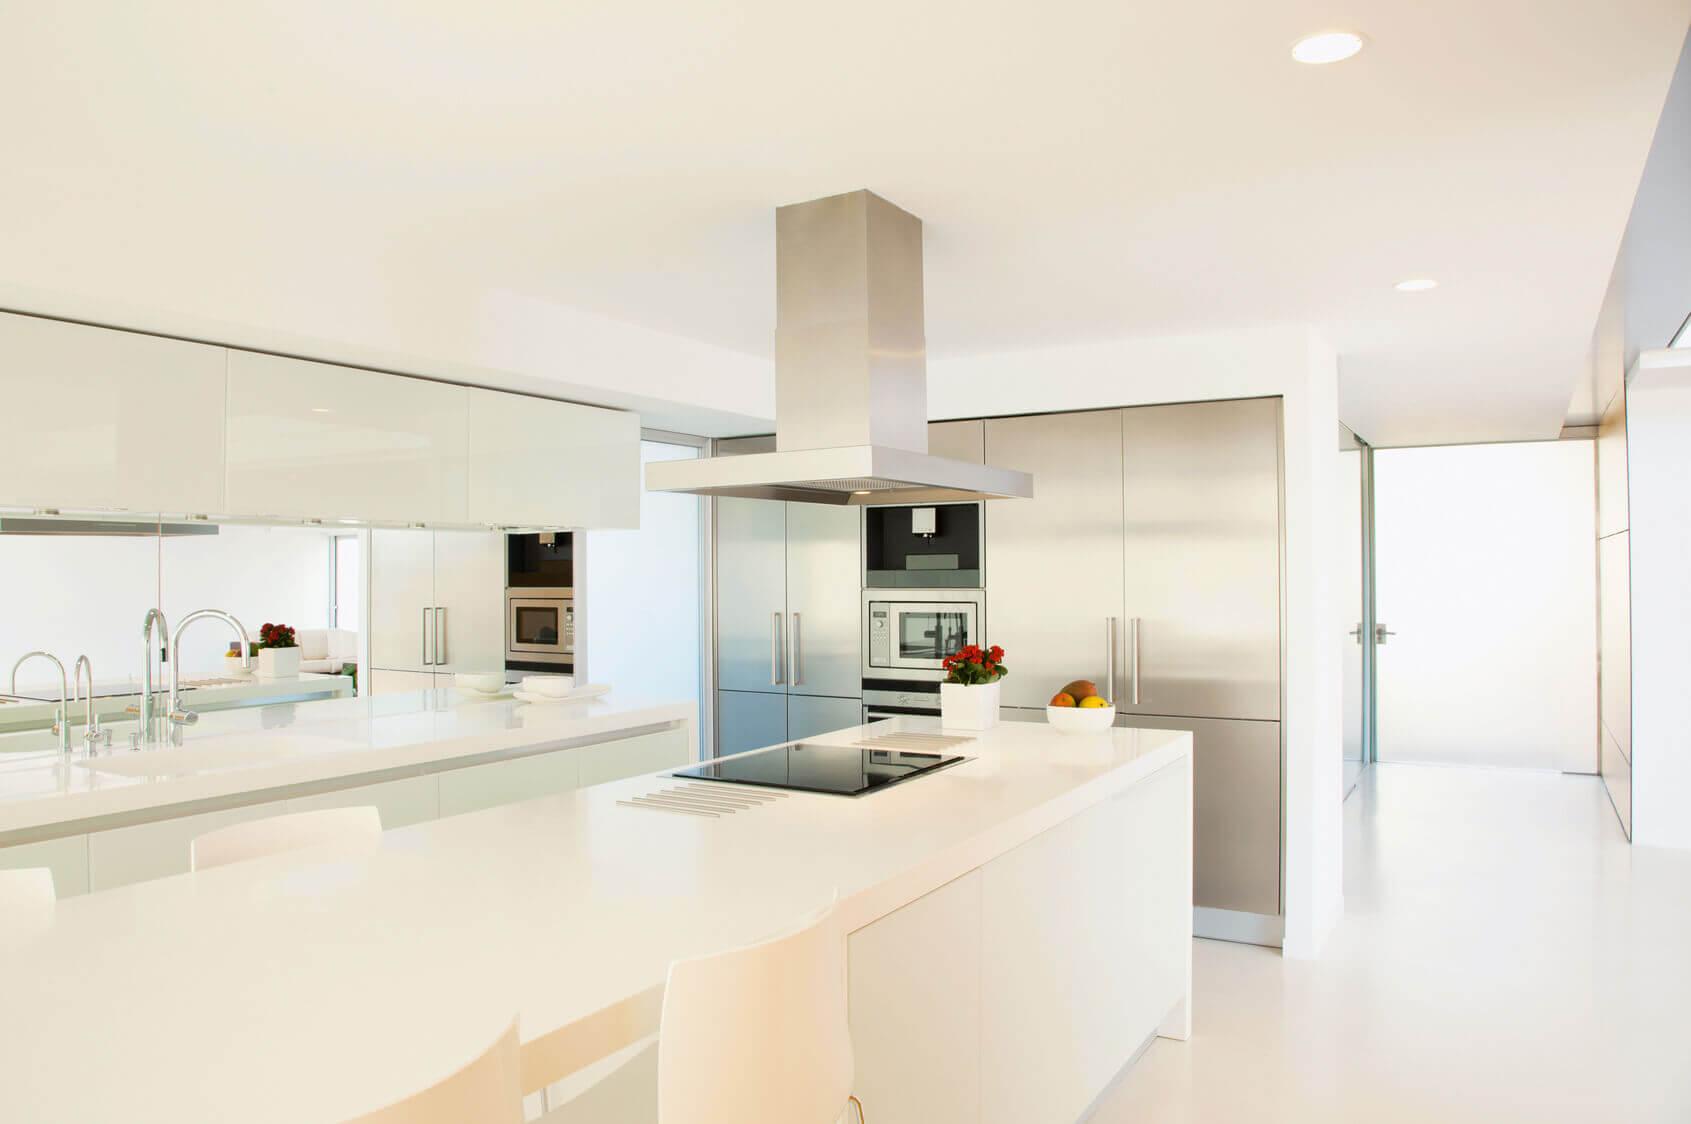 Cocinas con isla cocinas vitoria tierra home design for Islas de cocina y camareras